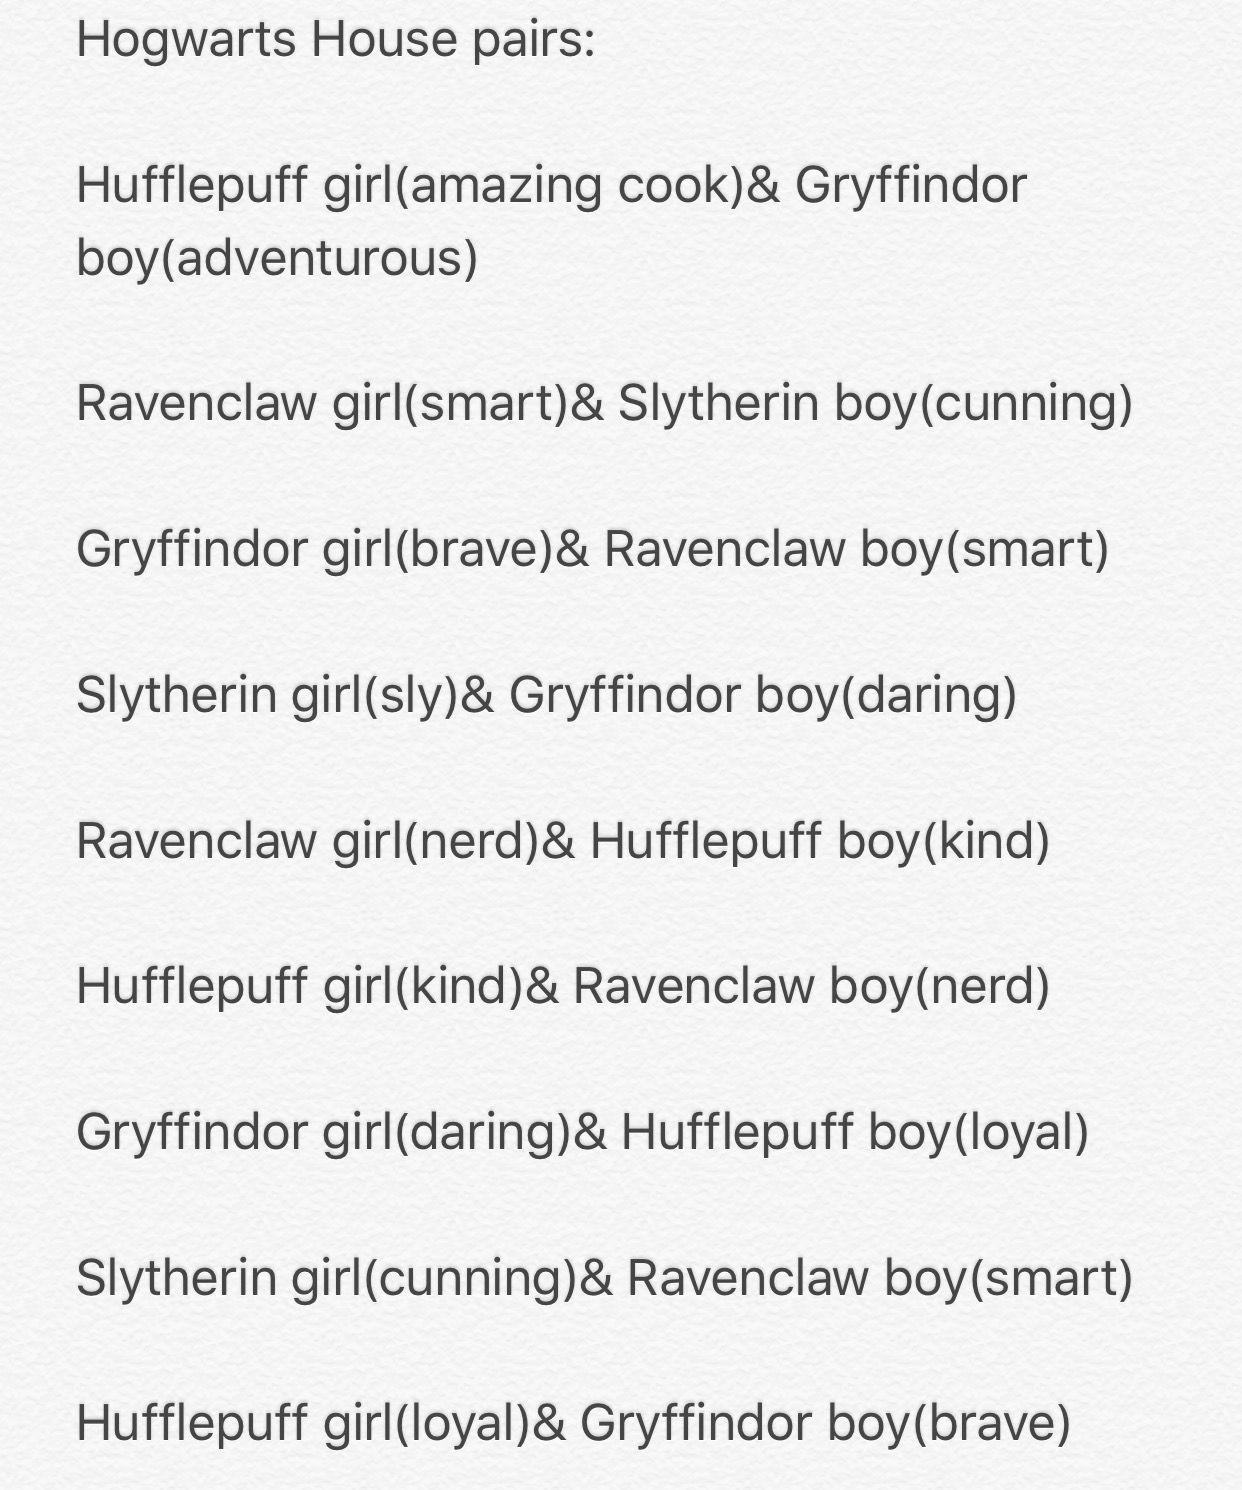 hogwarts house dating style